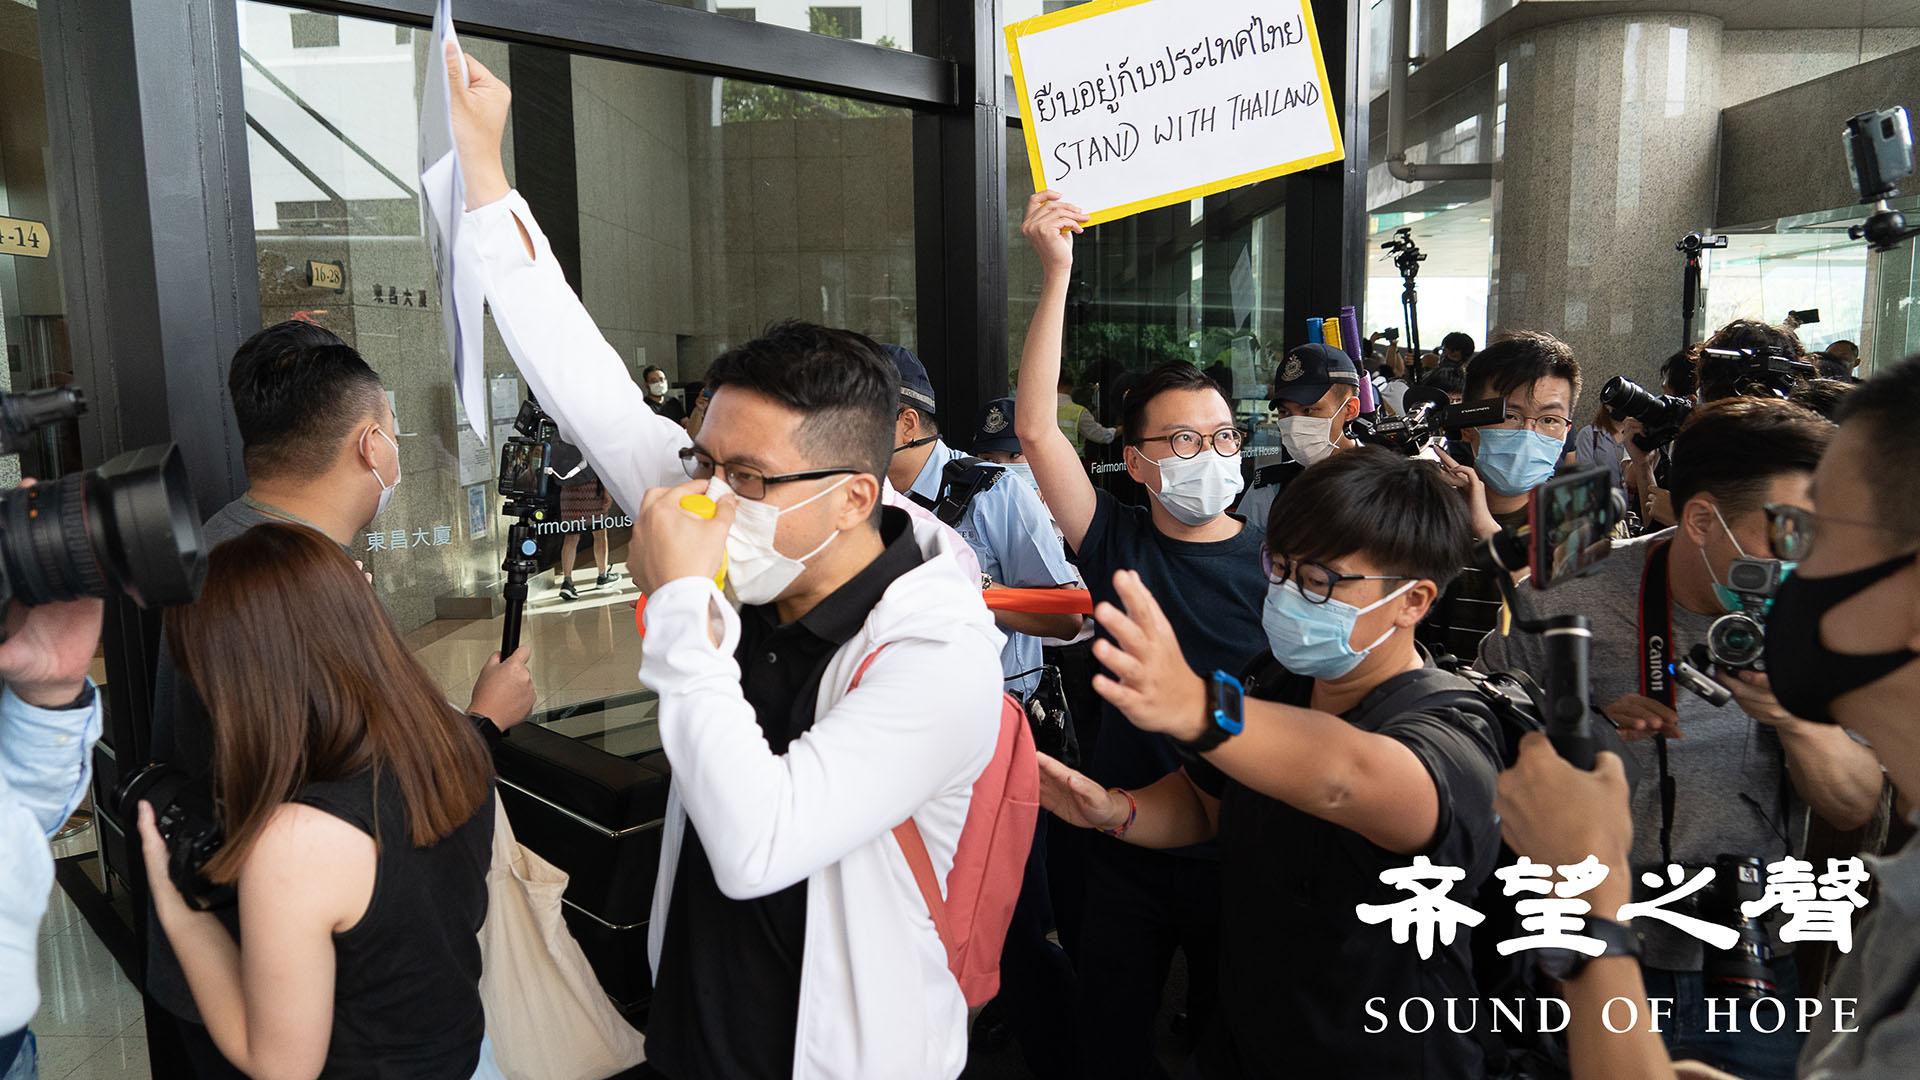 多位民主派区议员在限聚令下以4人一组方式到泰国驻港领事馆所处的金钟东昌大厦外示威。(郑铭/SOH)